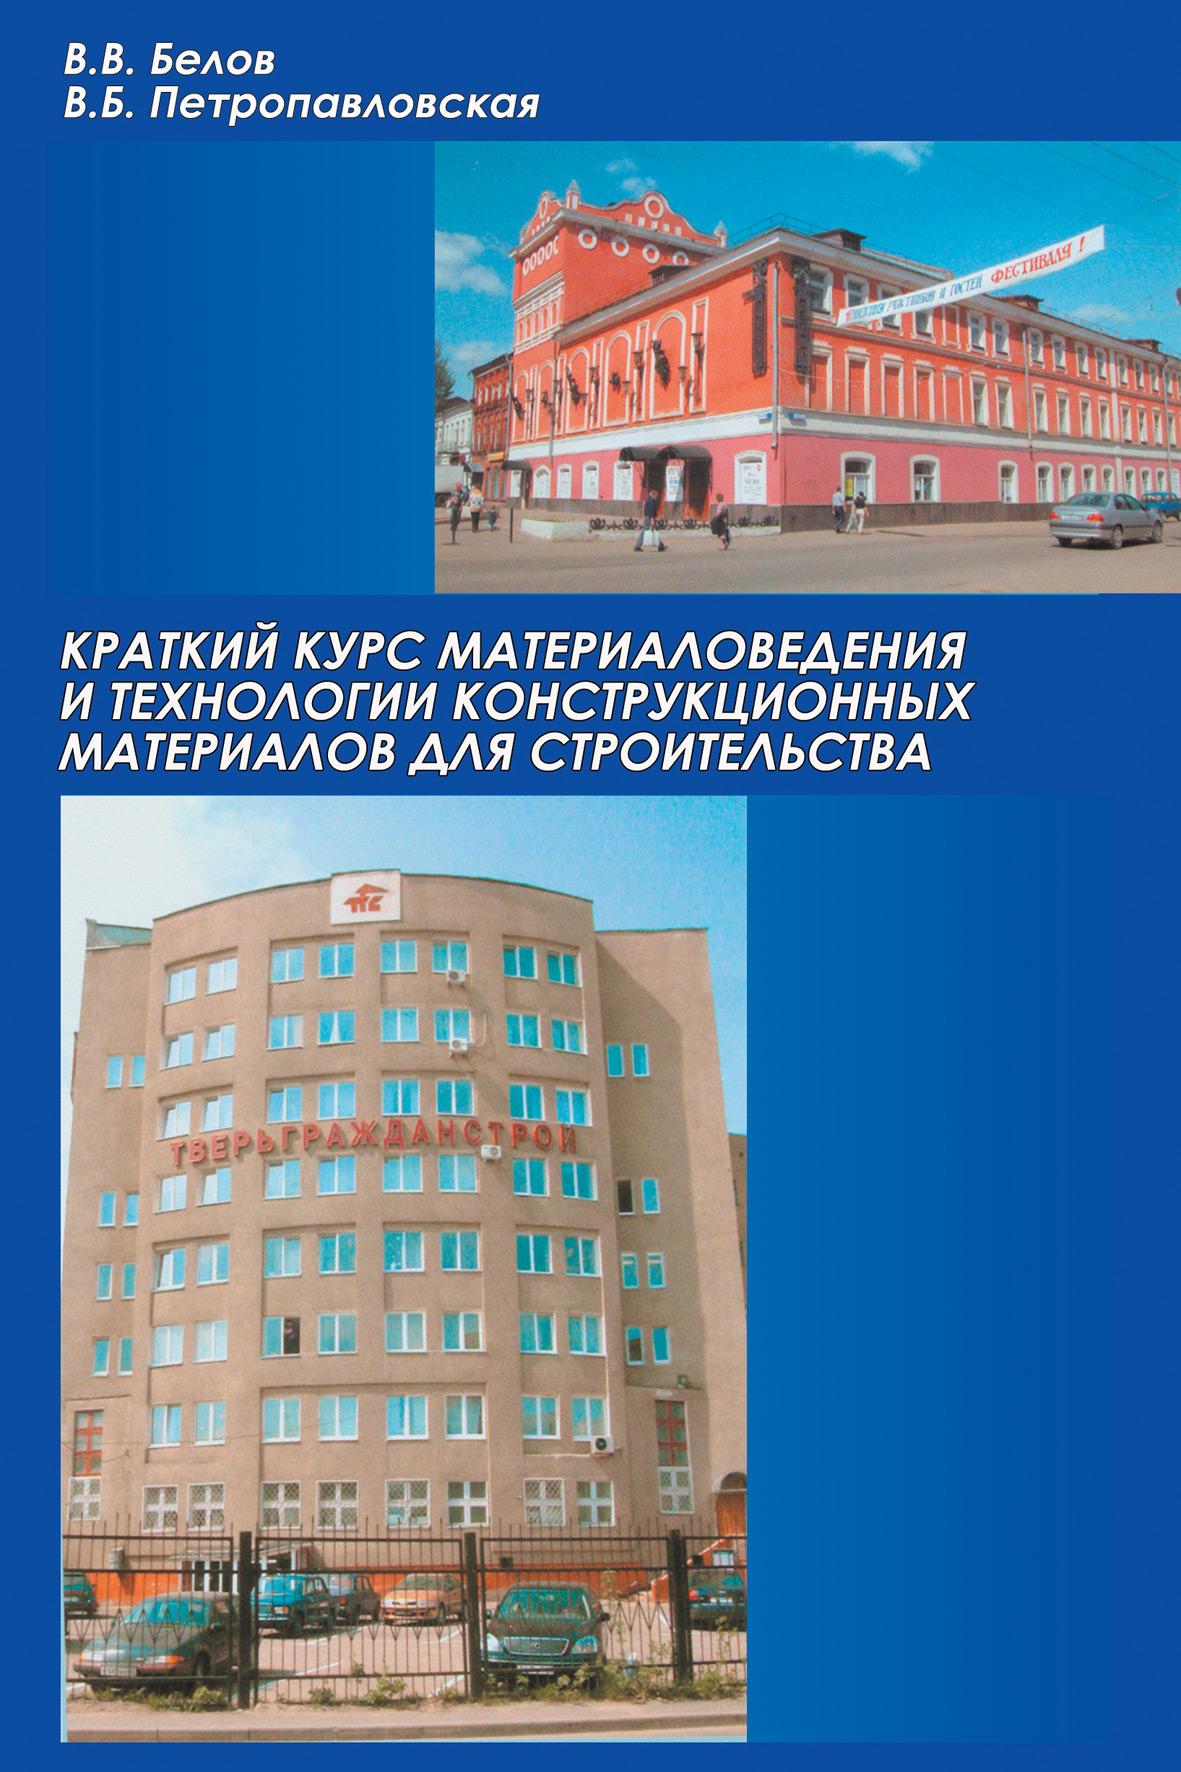 В. Б. Петропавловская Краткий курс материаловедения и технологии конструкционных материалов для строительства